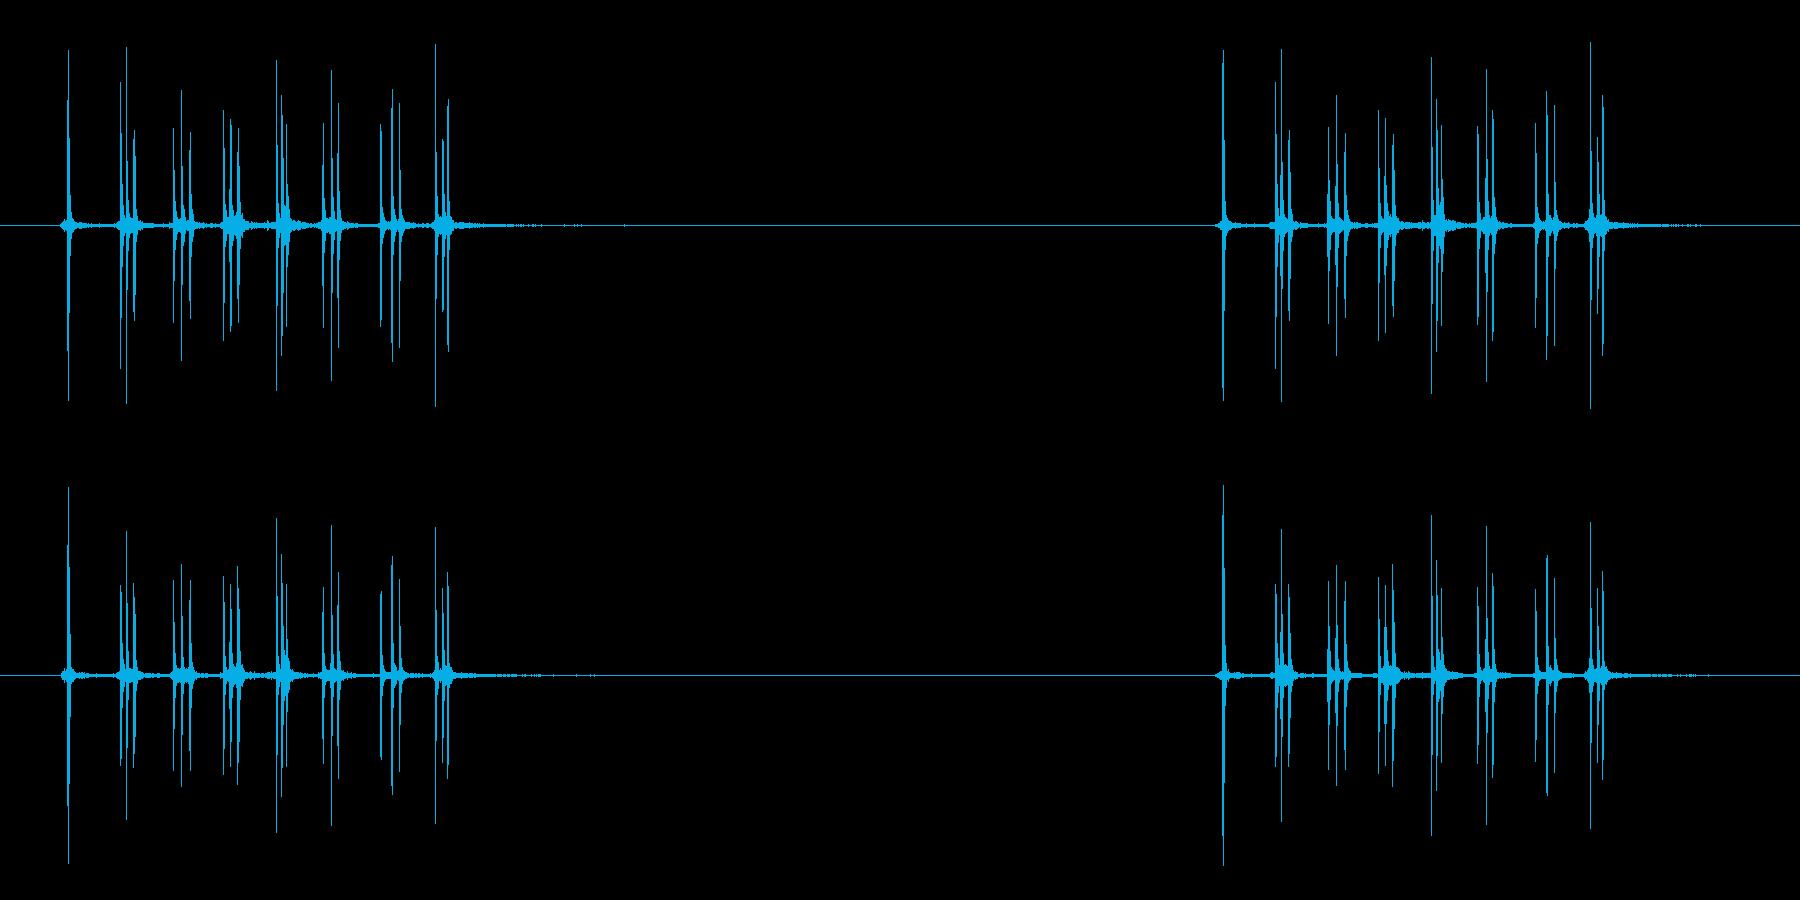 オルゴールのネジをまく音の再生済みの波形